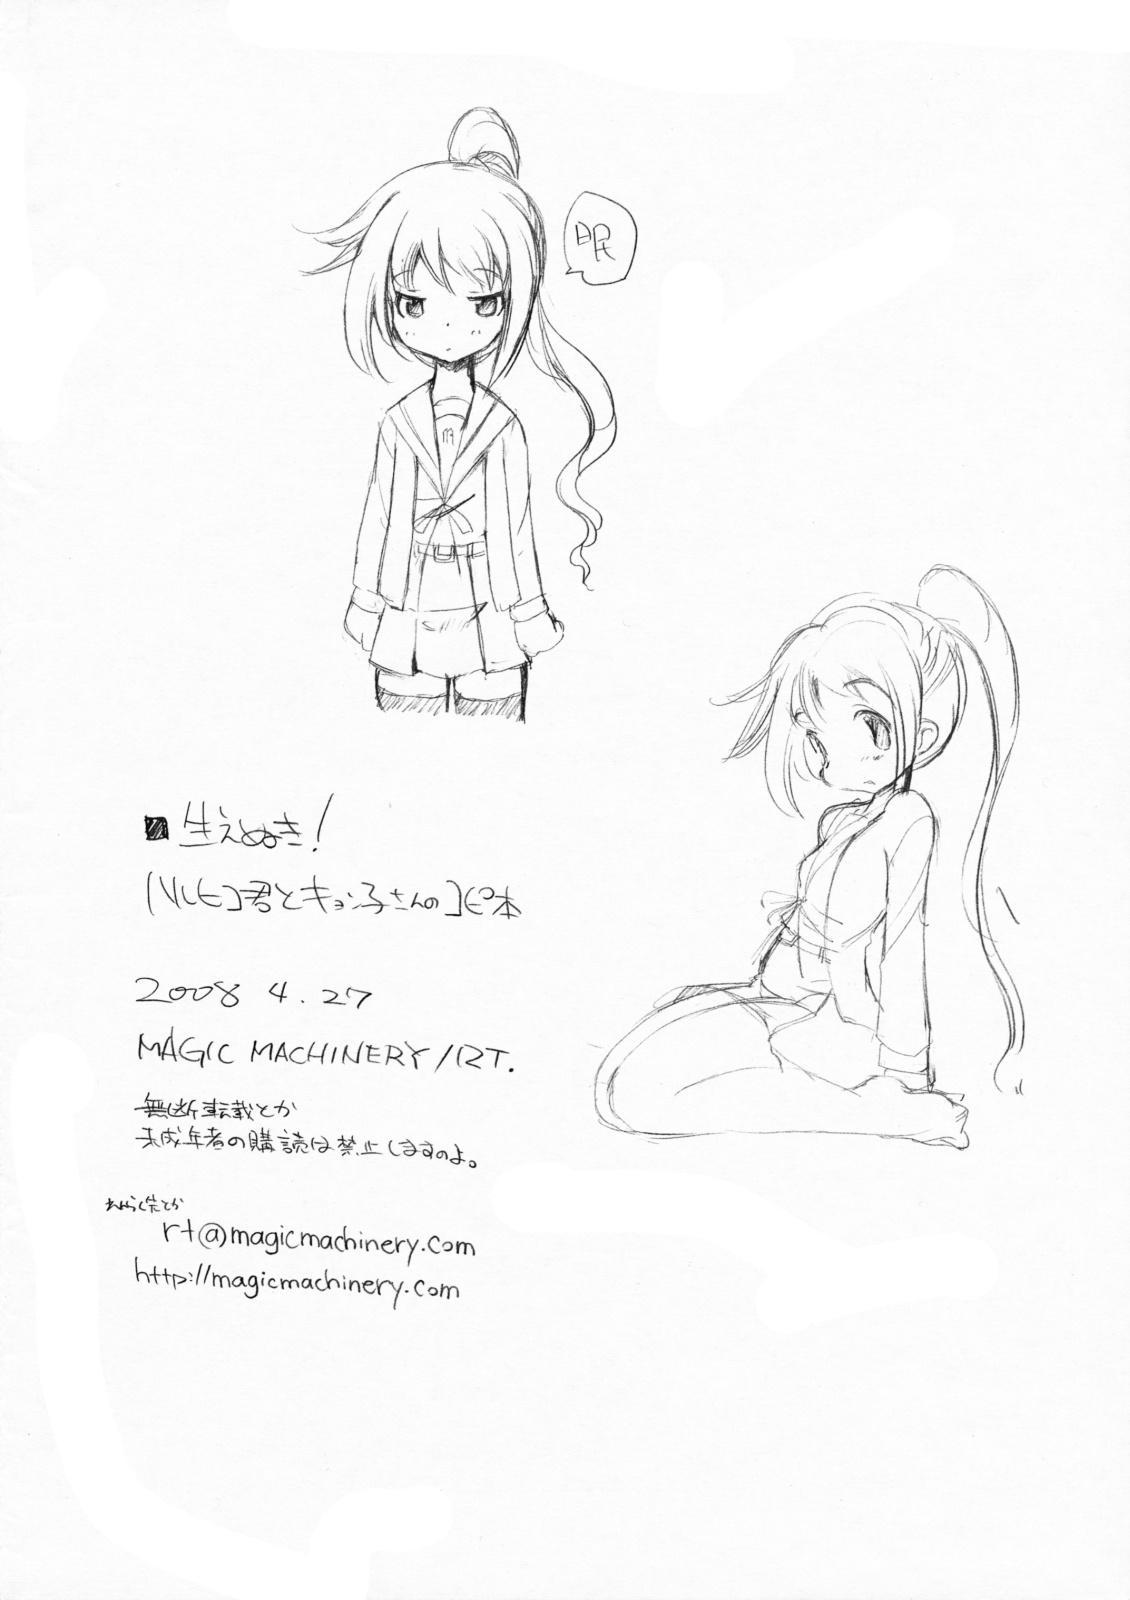 [Magic Machinery] Haenuki! Haruhiko-kun to Kyonko-san no Copy Hon (Suzumiya Haruhi no Yuuutsu) 9